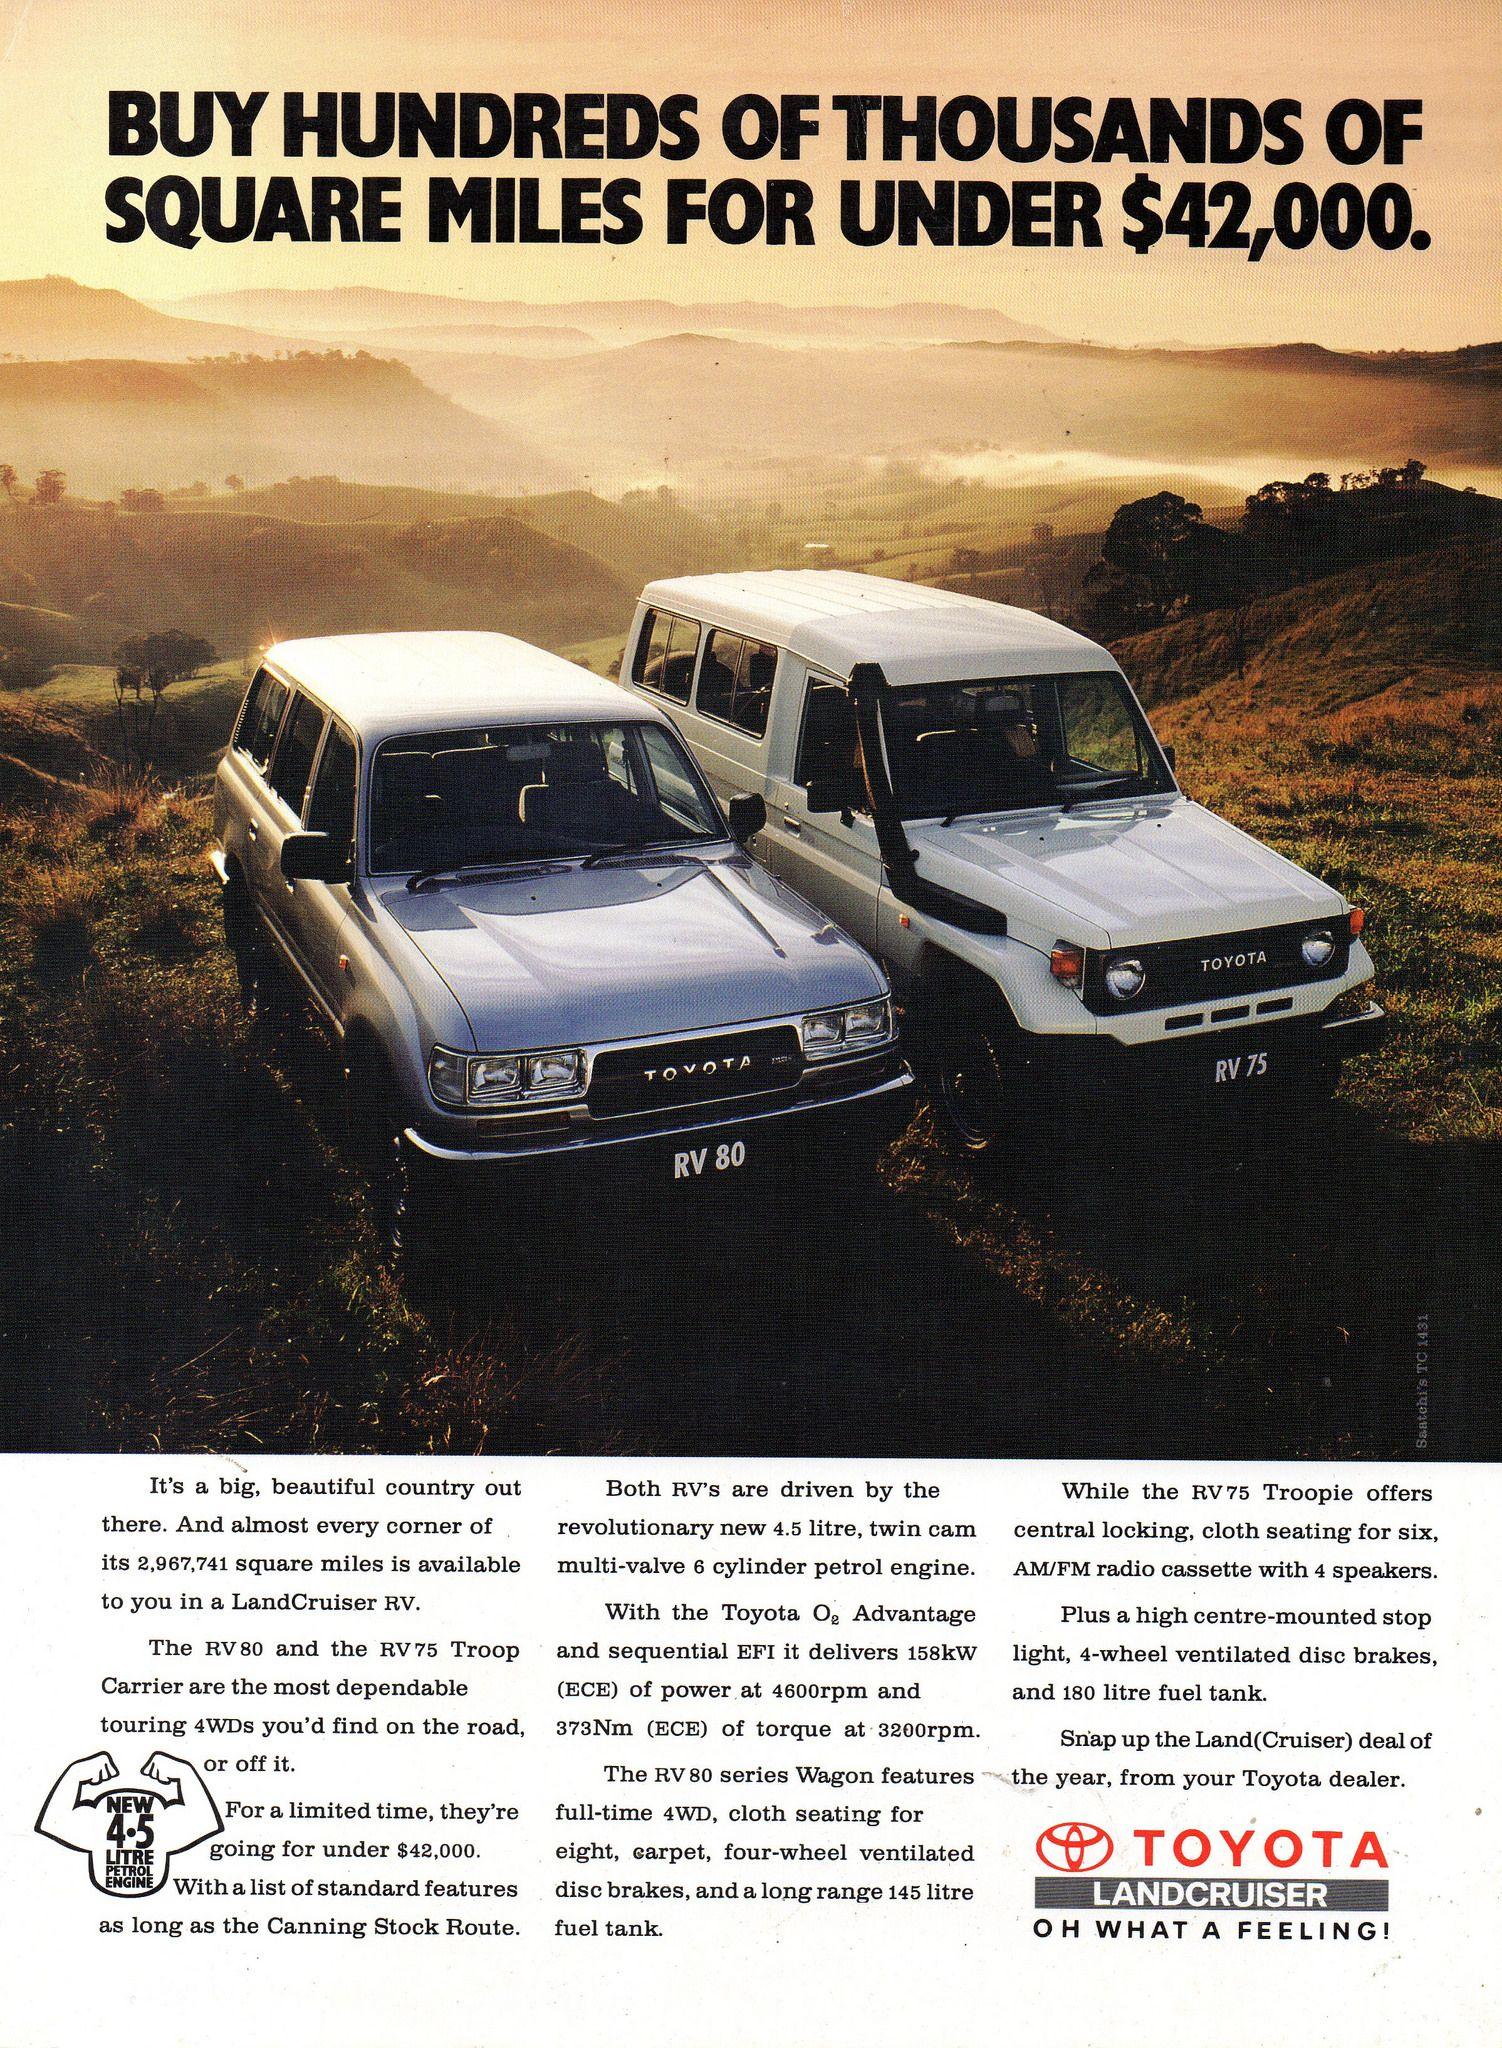 1993 Toyota LandCruiser RV 80 Wagon & RV 75 Troop Carrier Aussie